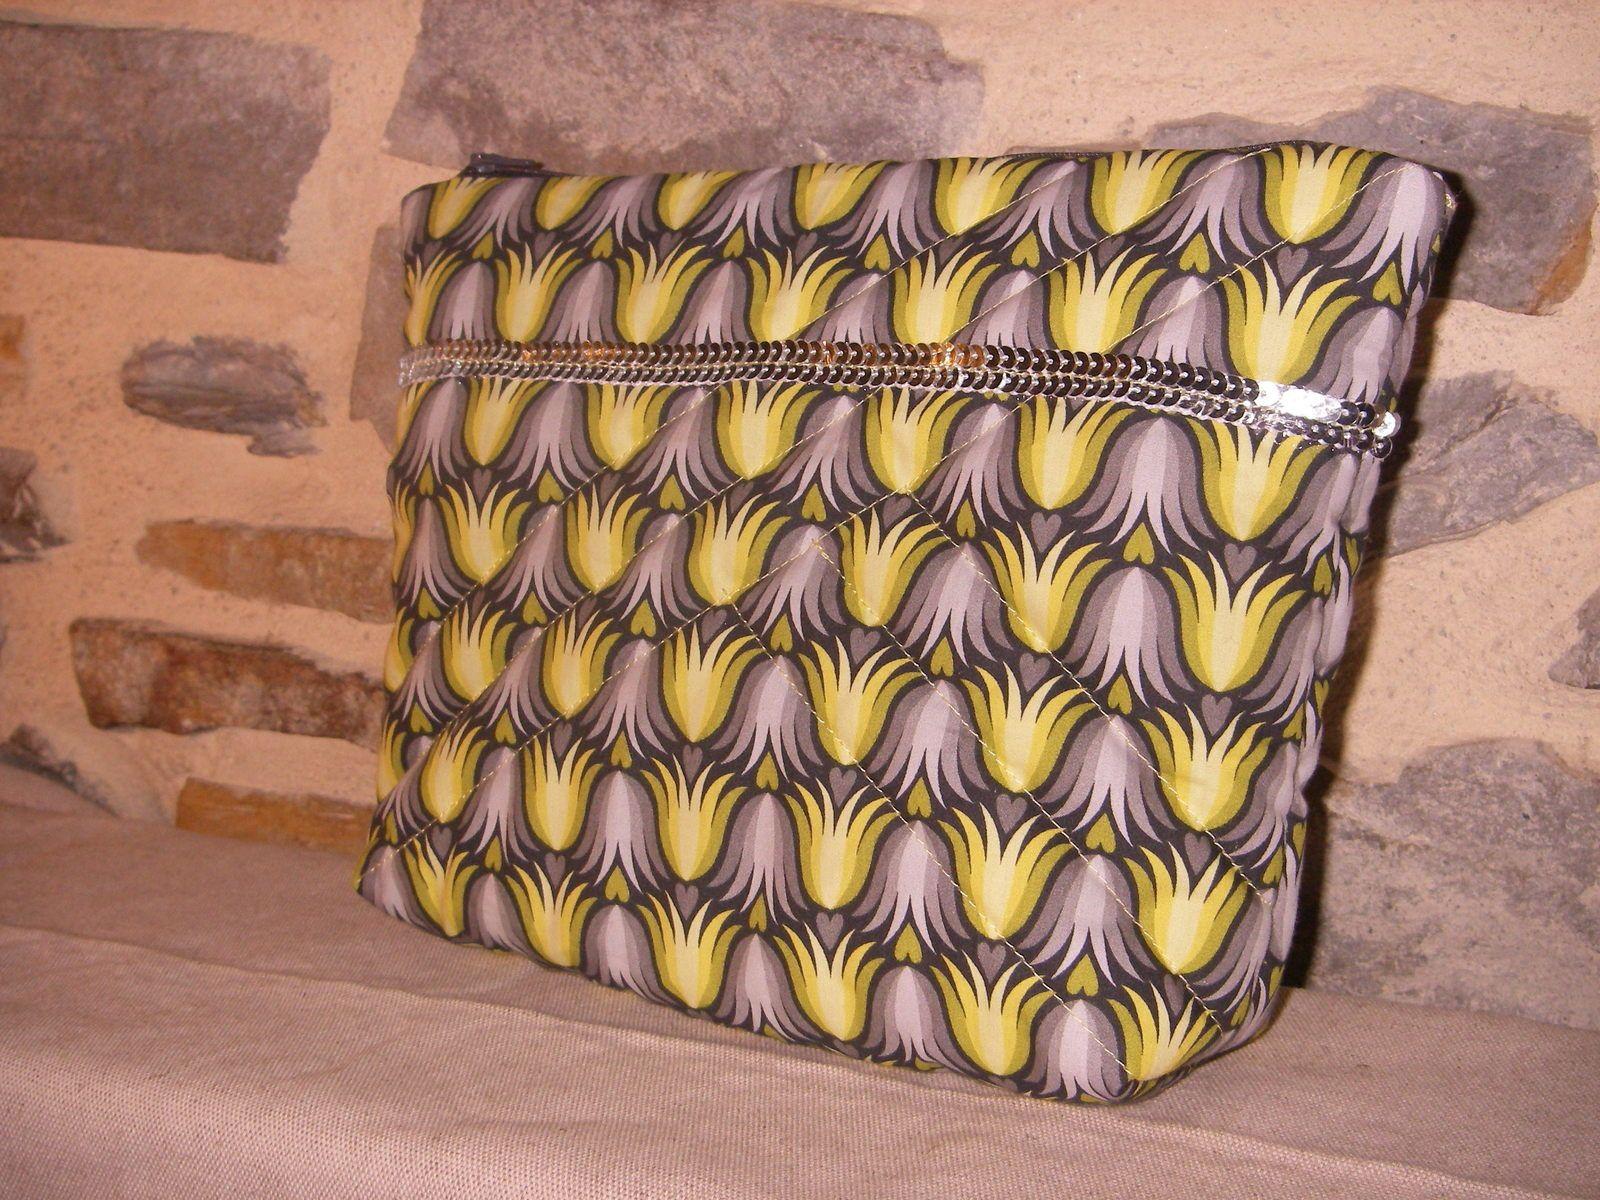 Coton Hilco design Hamburger Liebe Dutch love tulipe gris/jaunede chez Ty Florian, matelassage aussi, enduit gris a pois aussi.